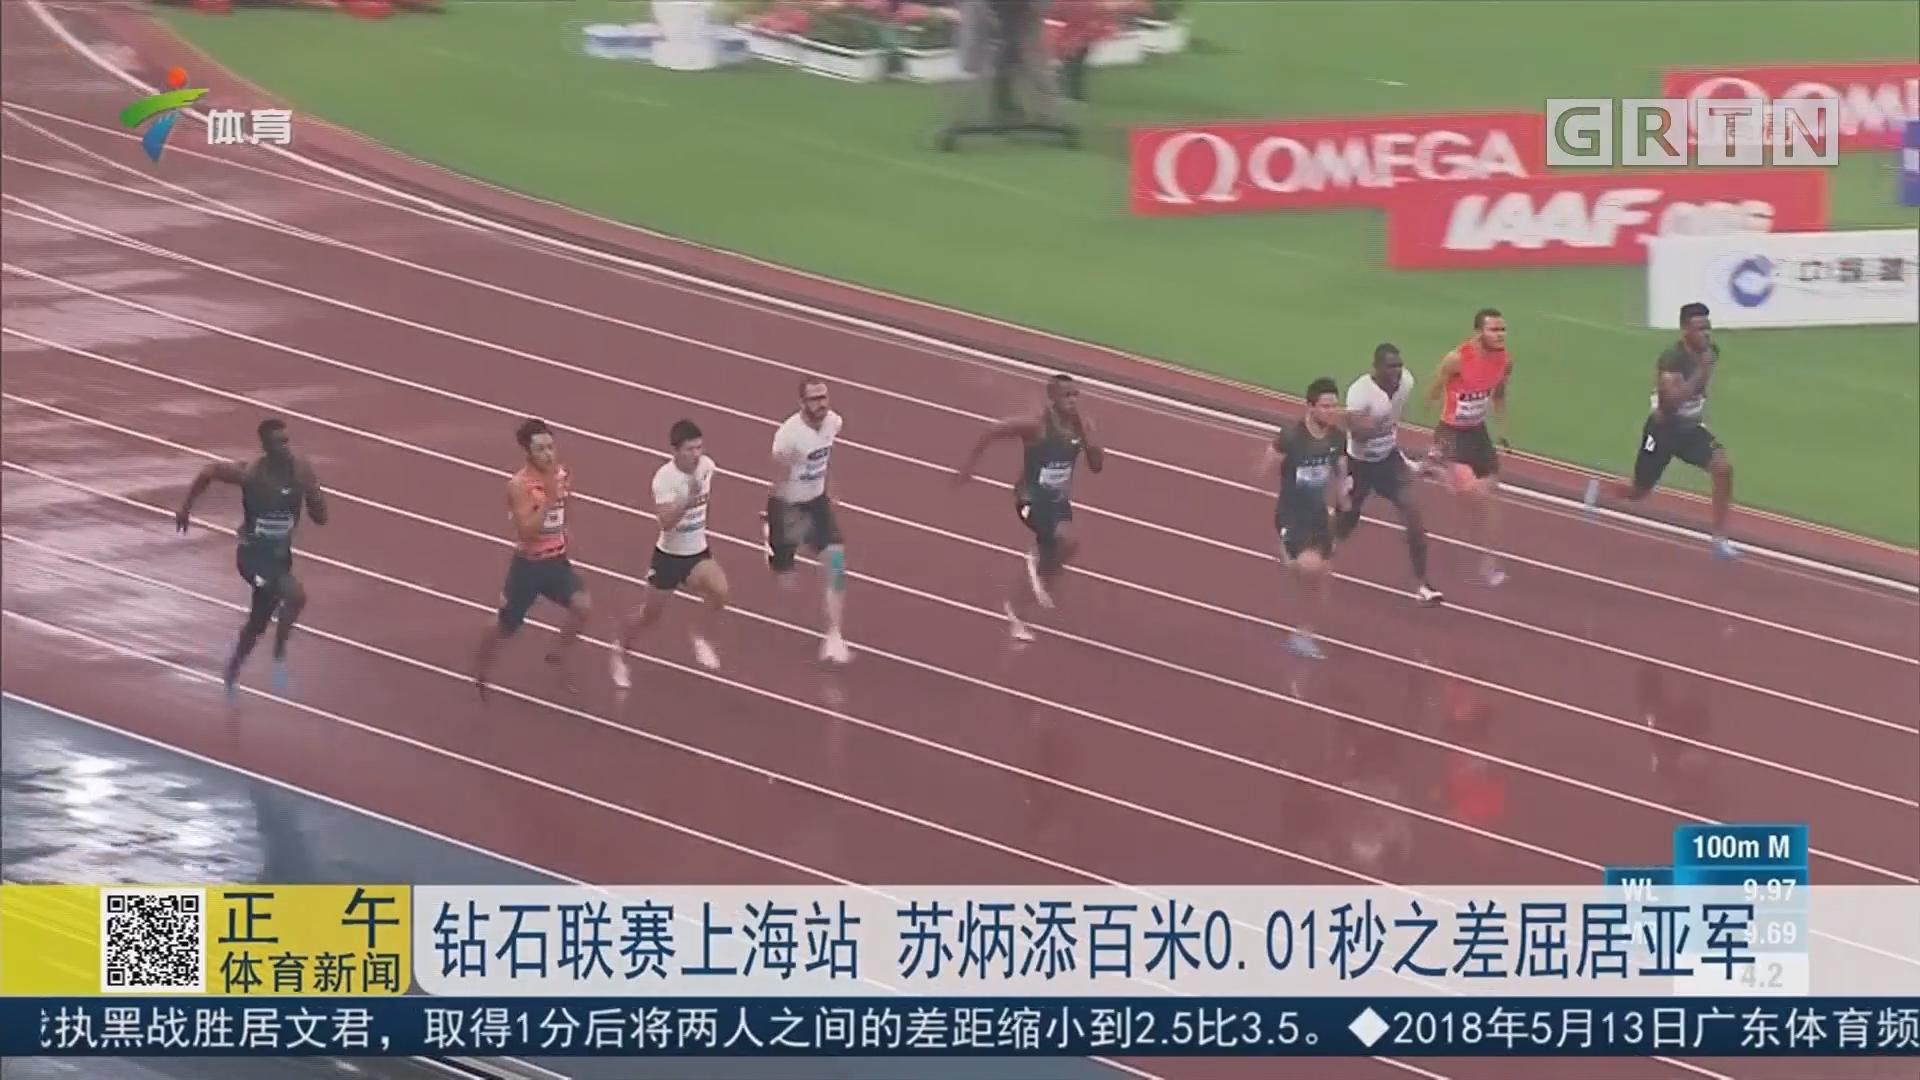 钻石联赛上海站 苏炳添百米0.01秒之差屈居亚军